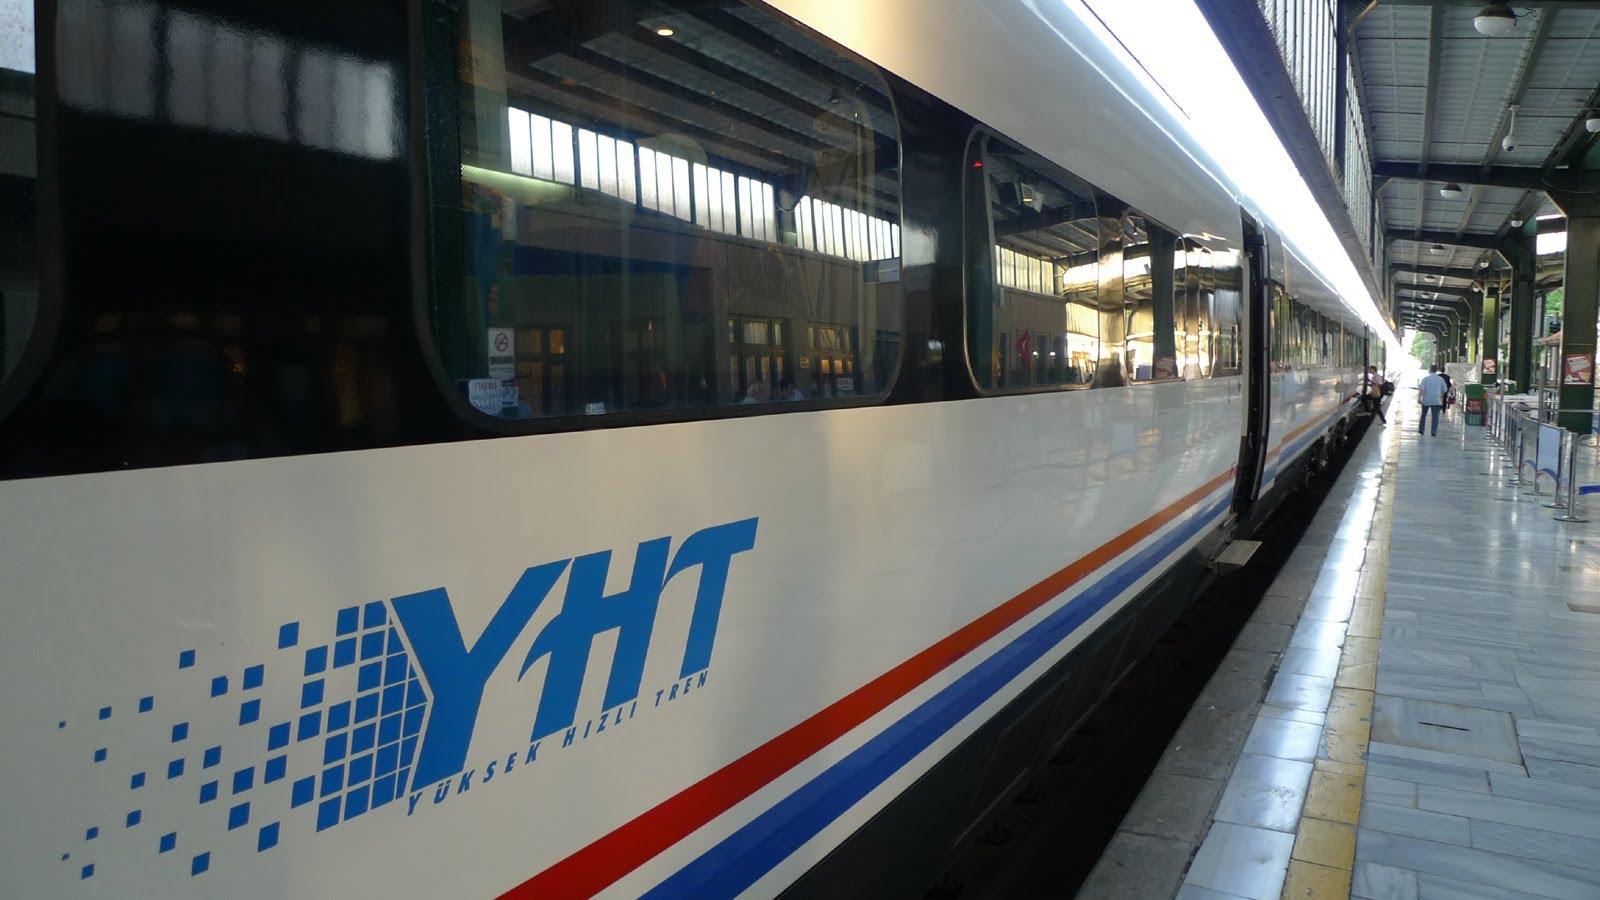 Yüksek Hızlı Tren YHT